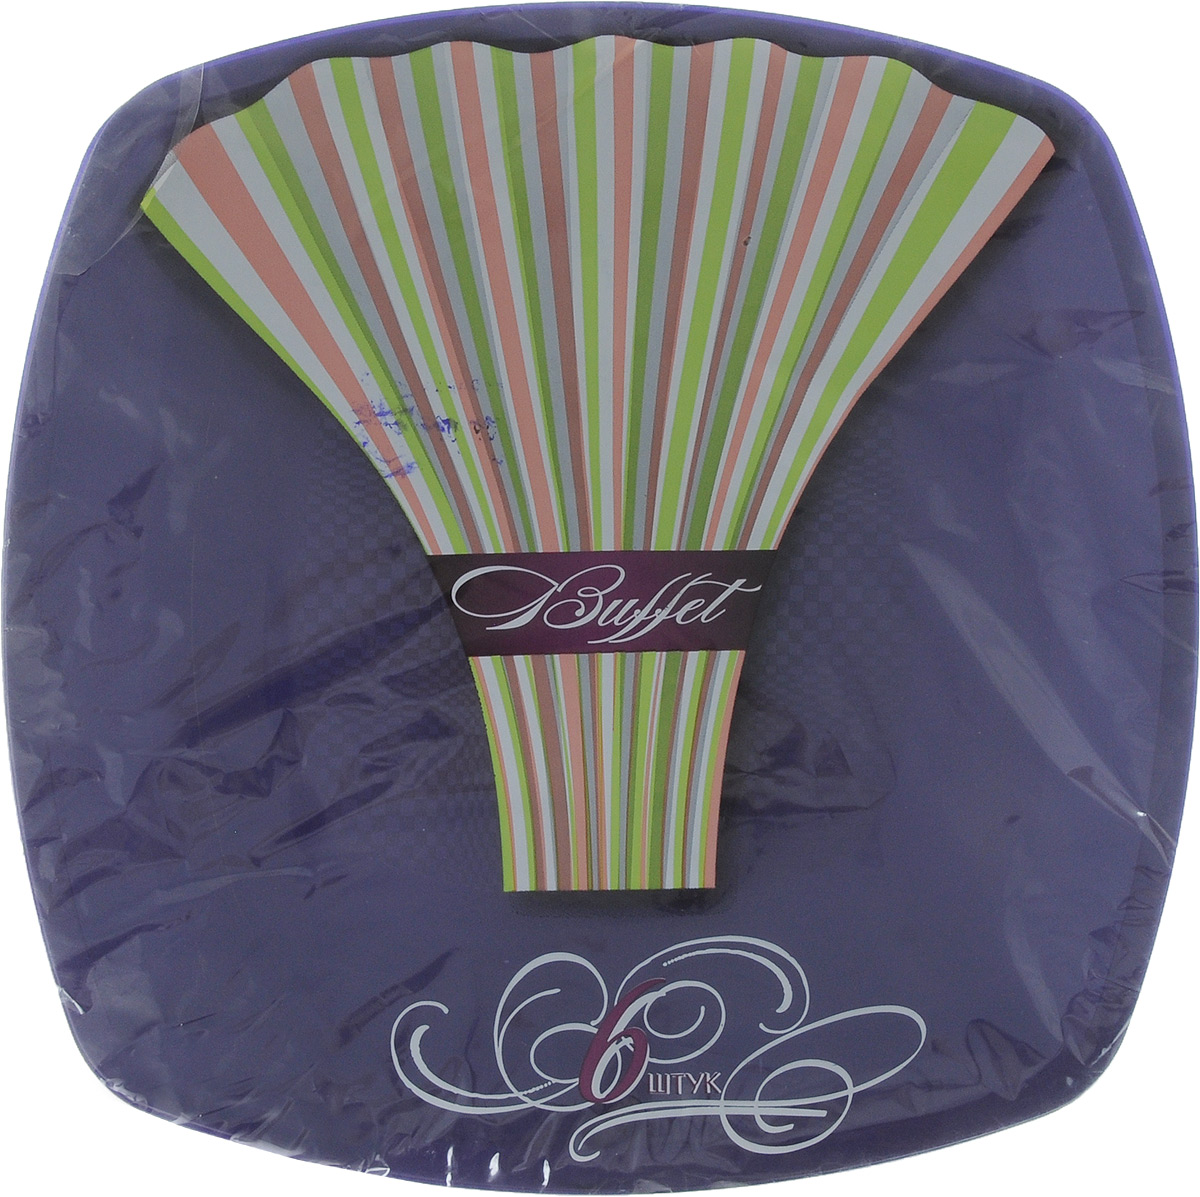 Набор одноразовых тарелок Buffet, цвет: фиолетовый, 23 х 23 см, 6 шт набор одноразовых стаканов buffet biсolor цвет оранжевый желтый 200 мл 6 шт